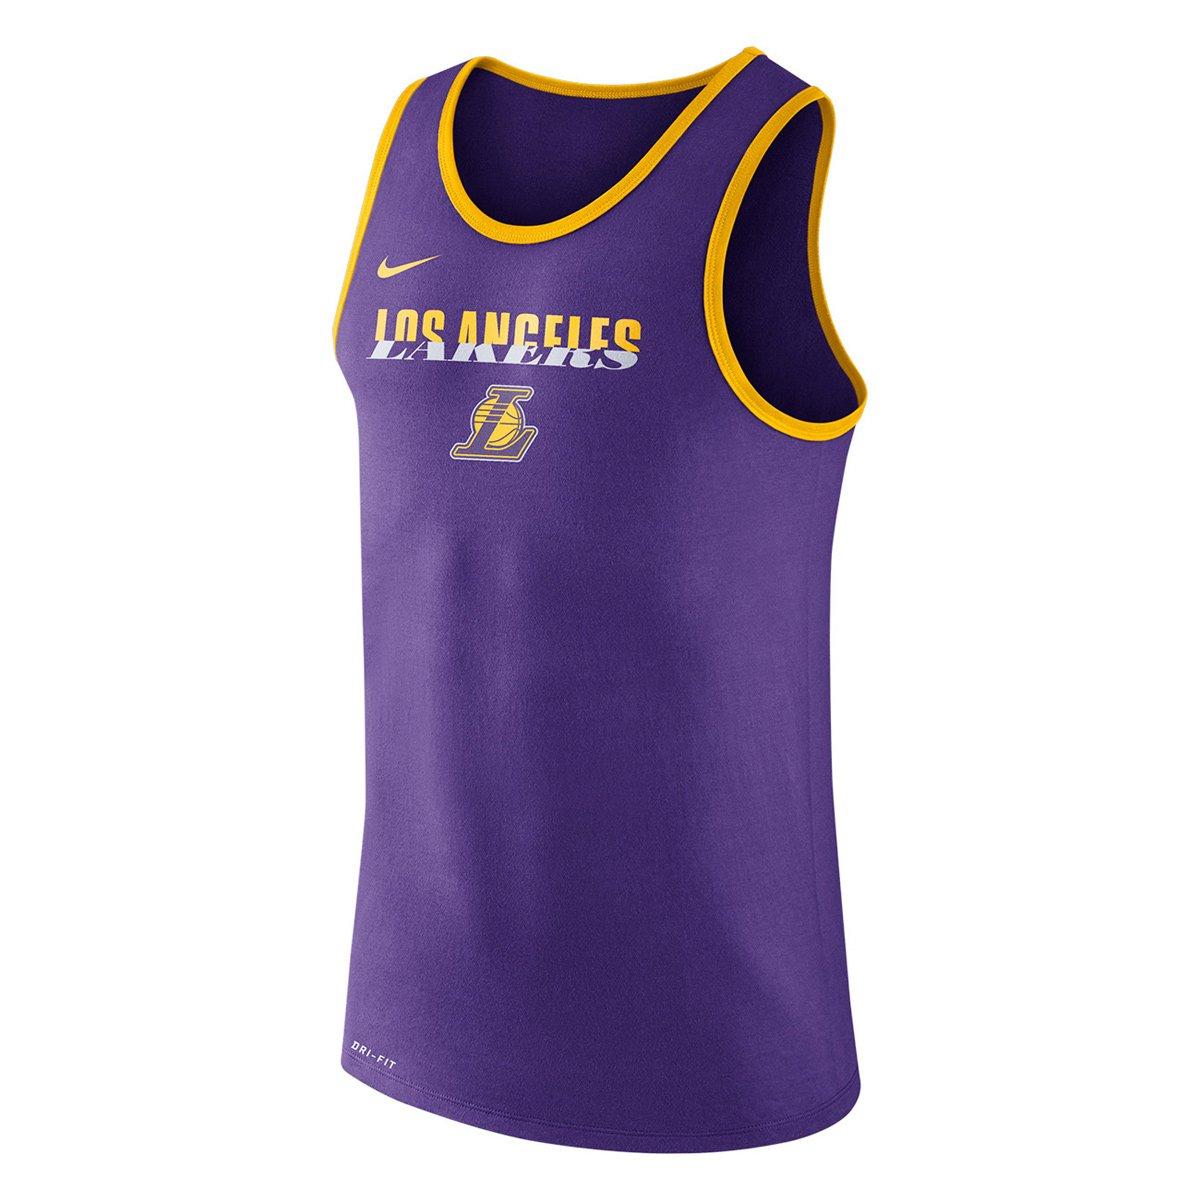 6964e2faa9d5c Camiseta Regata Nike NBA Los Angeles Lakers Logo Masculina - Compre Agora